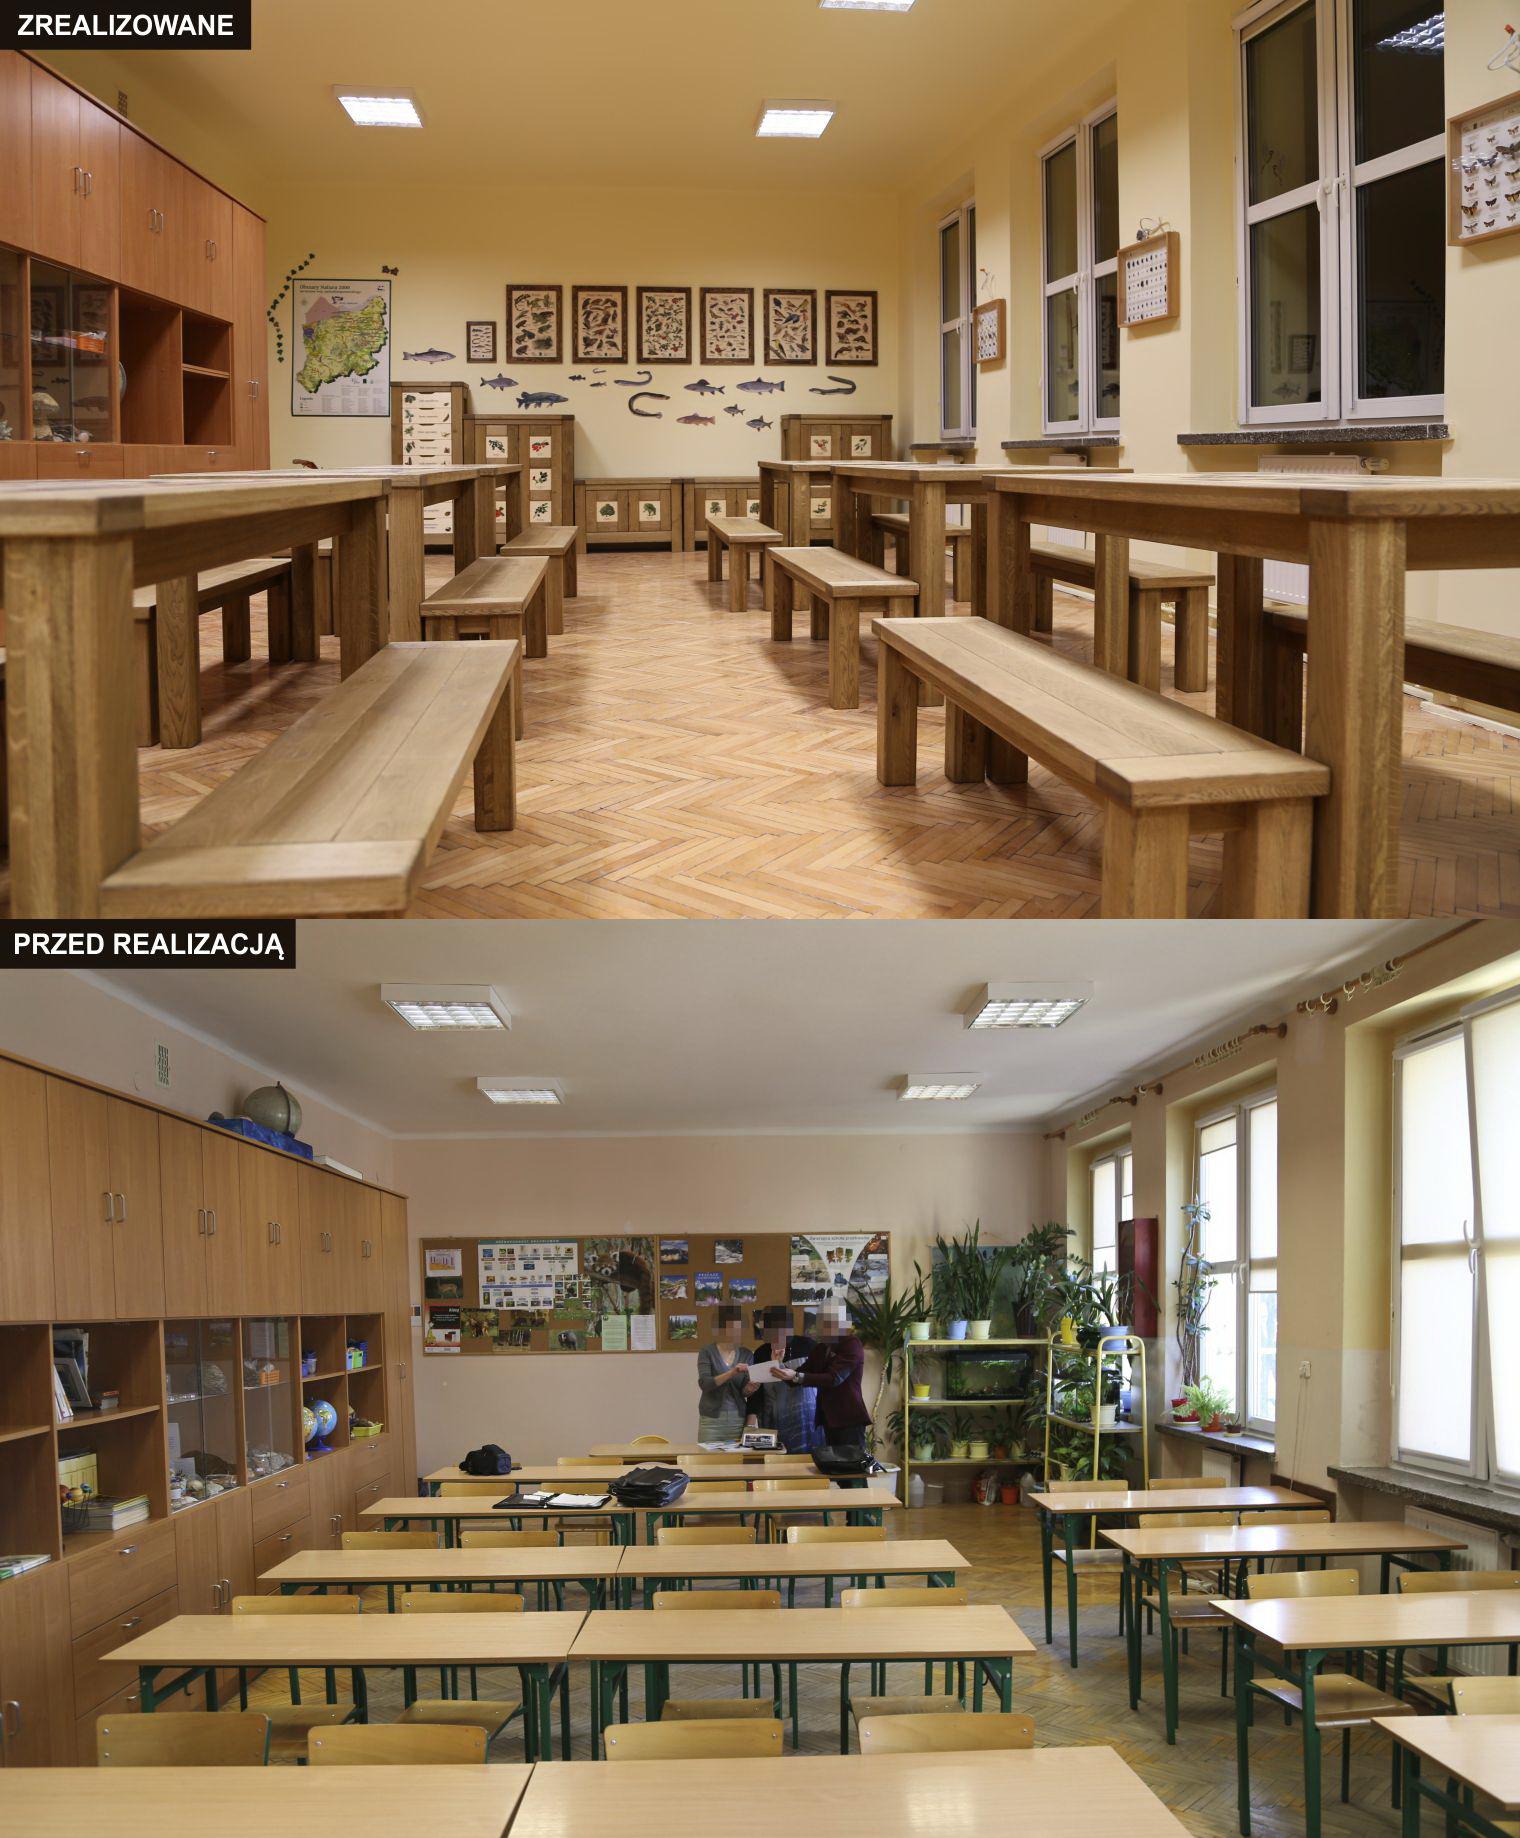 Izba edukacyjna - sala bioróżnorodności - Szkoła Podstawowa nr 4 w Białogardzie